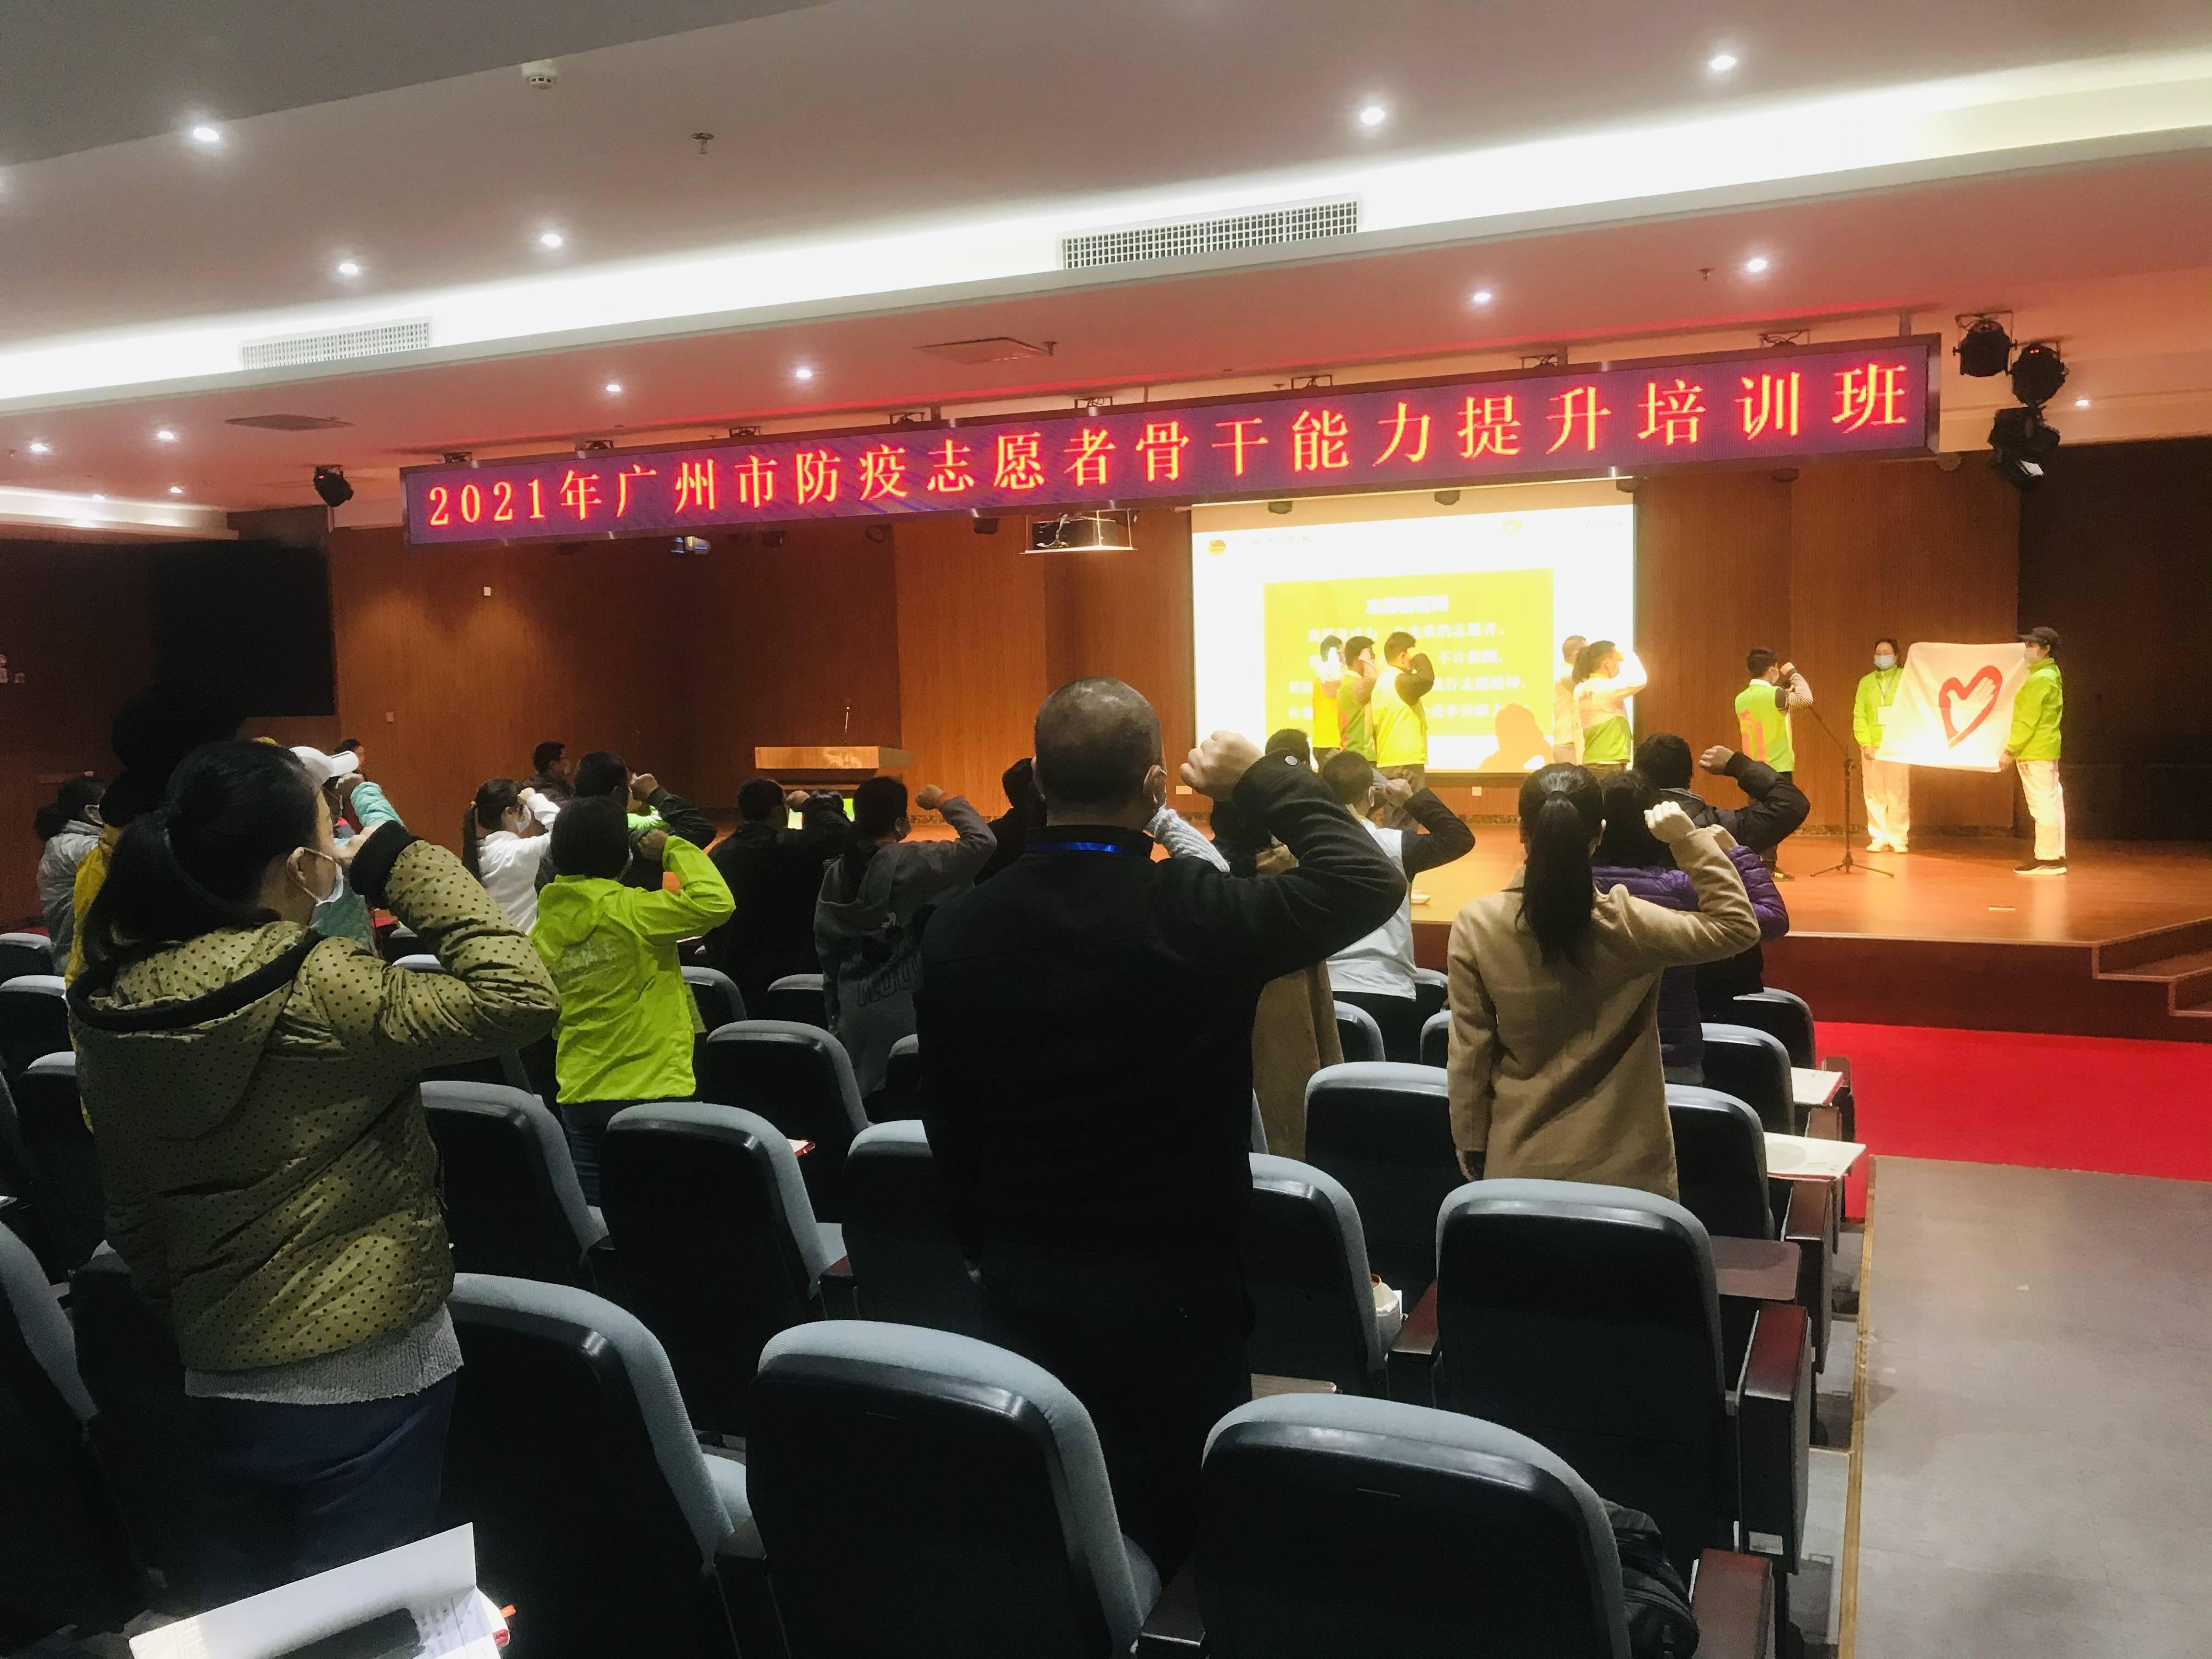 春运临近如何防疫?广州市防疫志愿者骨干能力提升培训班开班